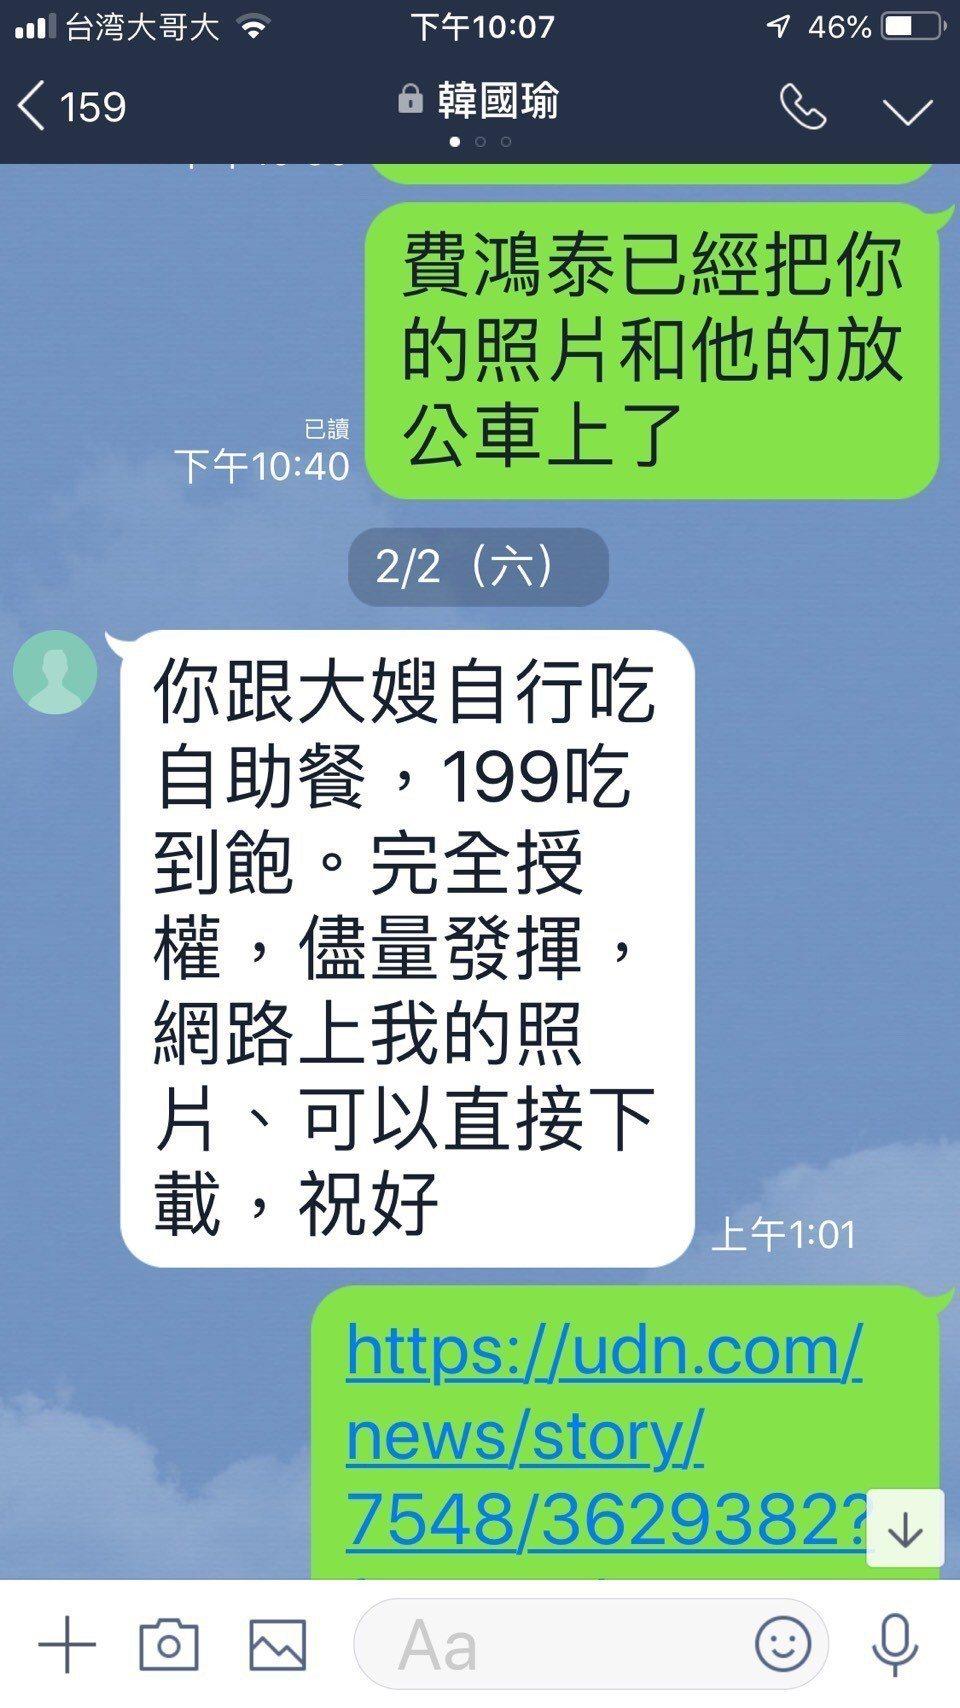 市議員王鴻薇也出示,自己的先生陶允正和韓國瑜的LINE對話紀錄,指曾和韓國瑜聯絡...